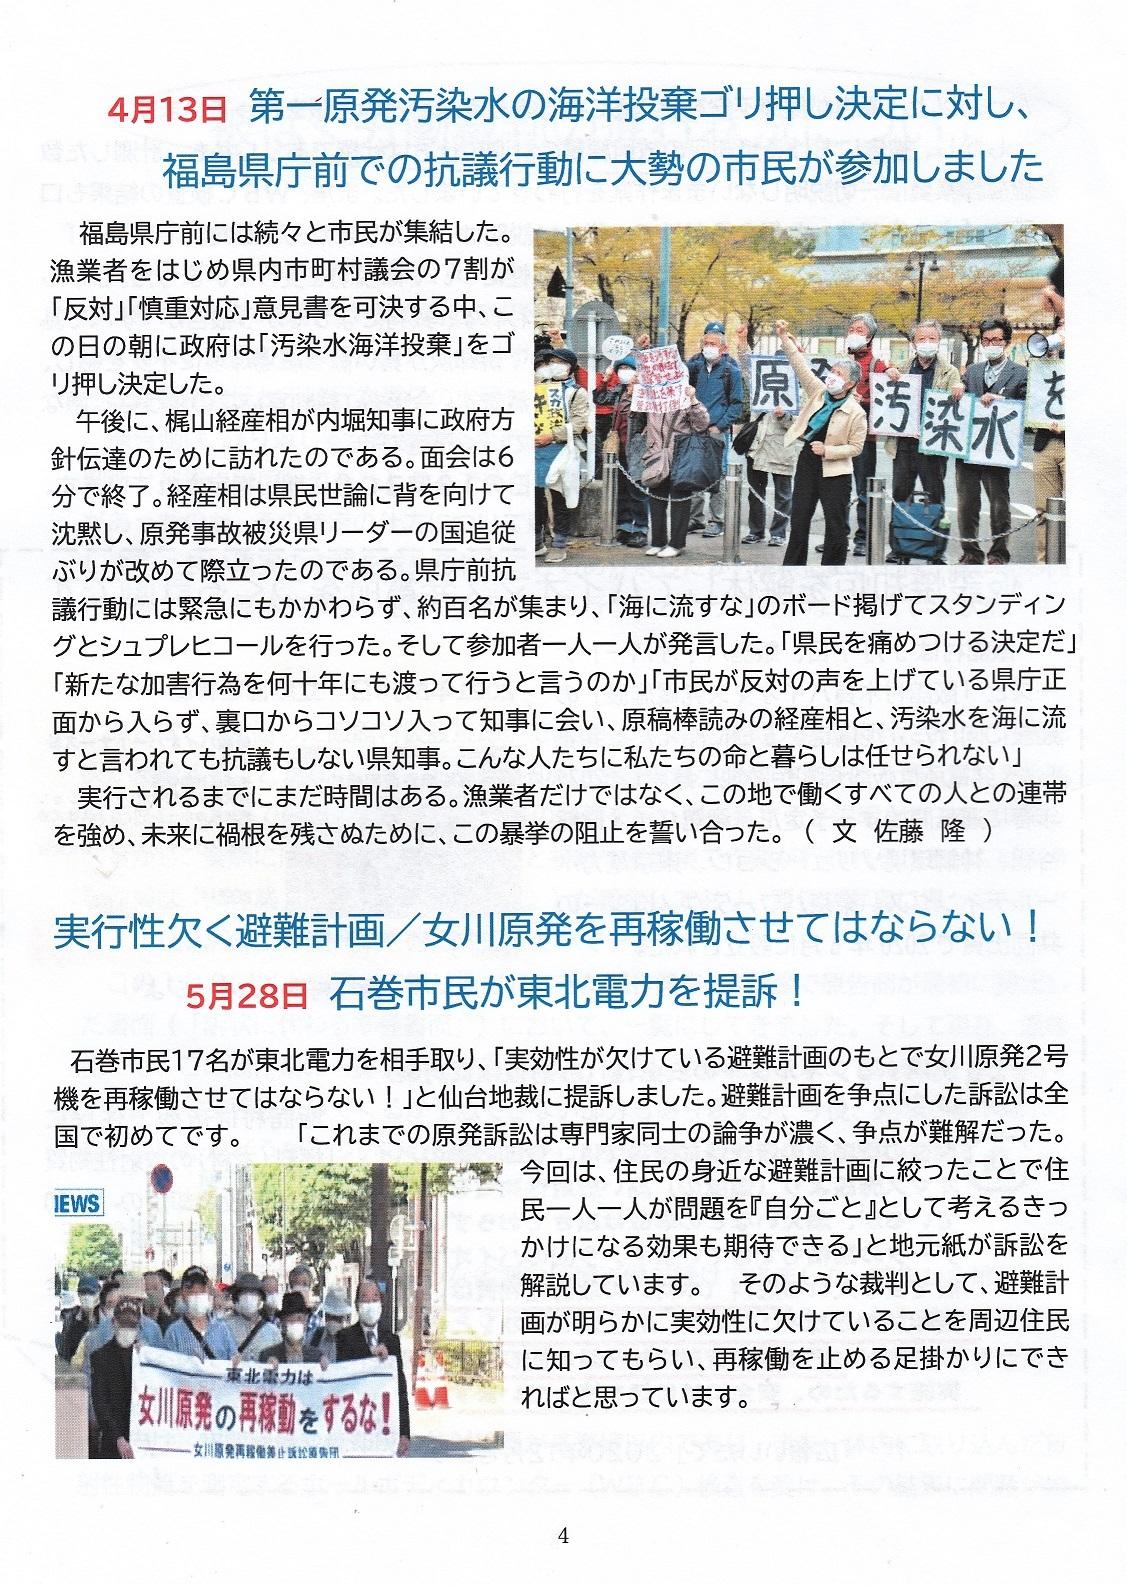 被ばく労働訴訟支援の会ニュース_0004